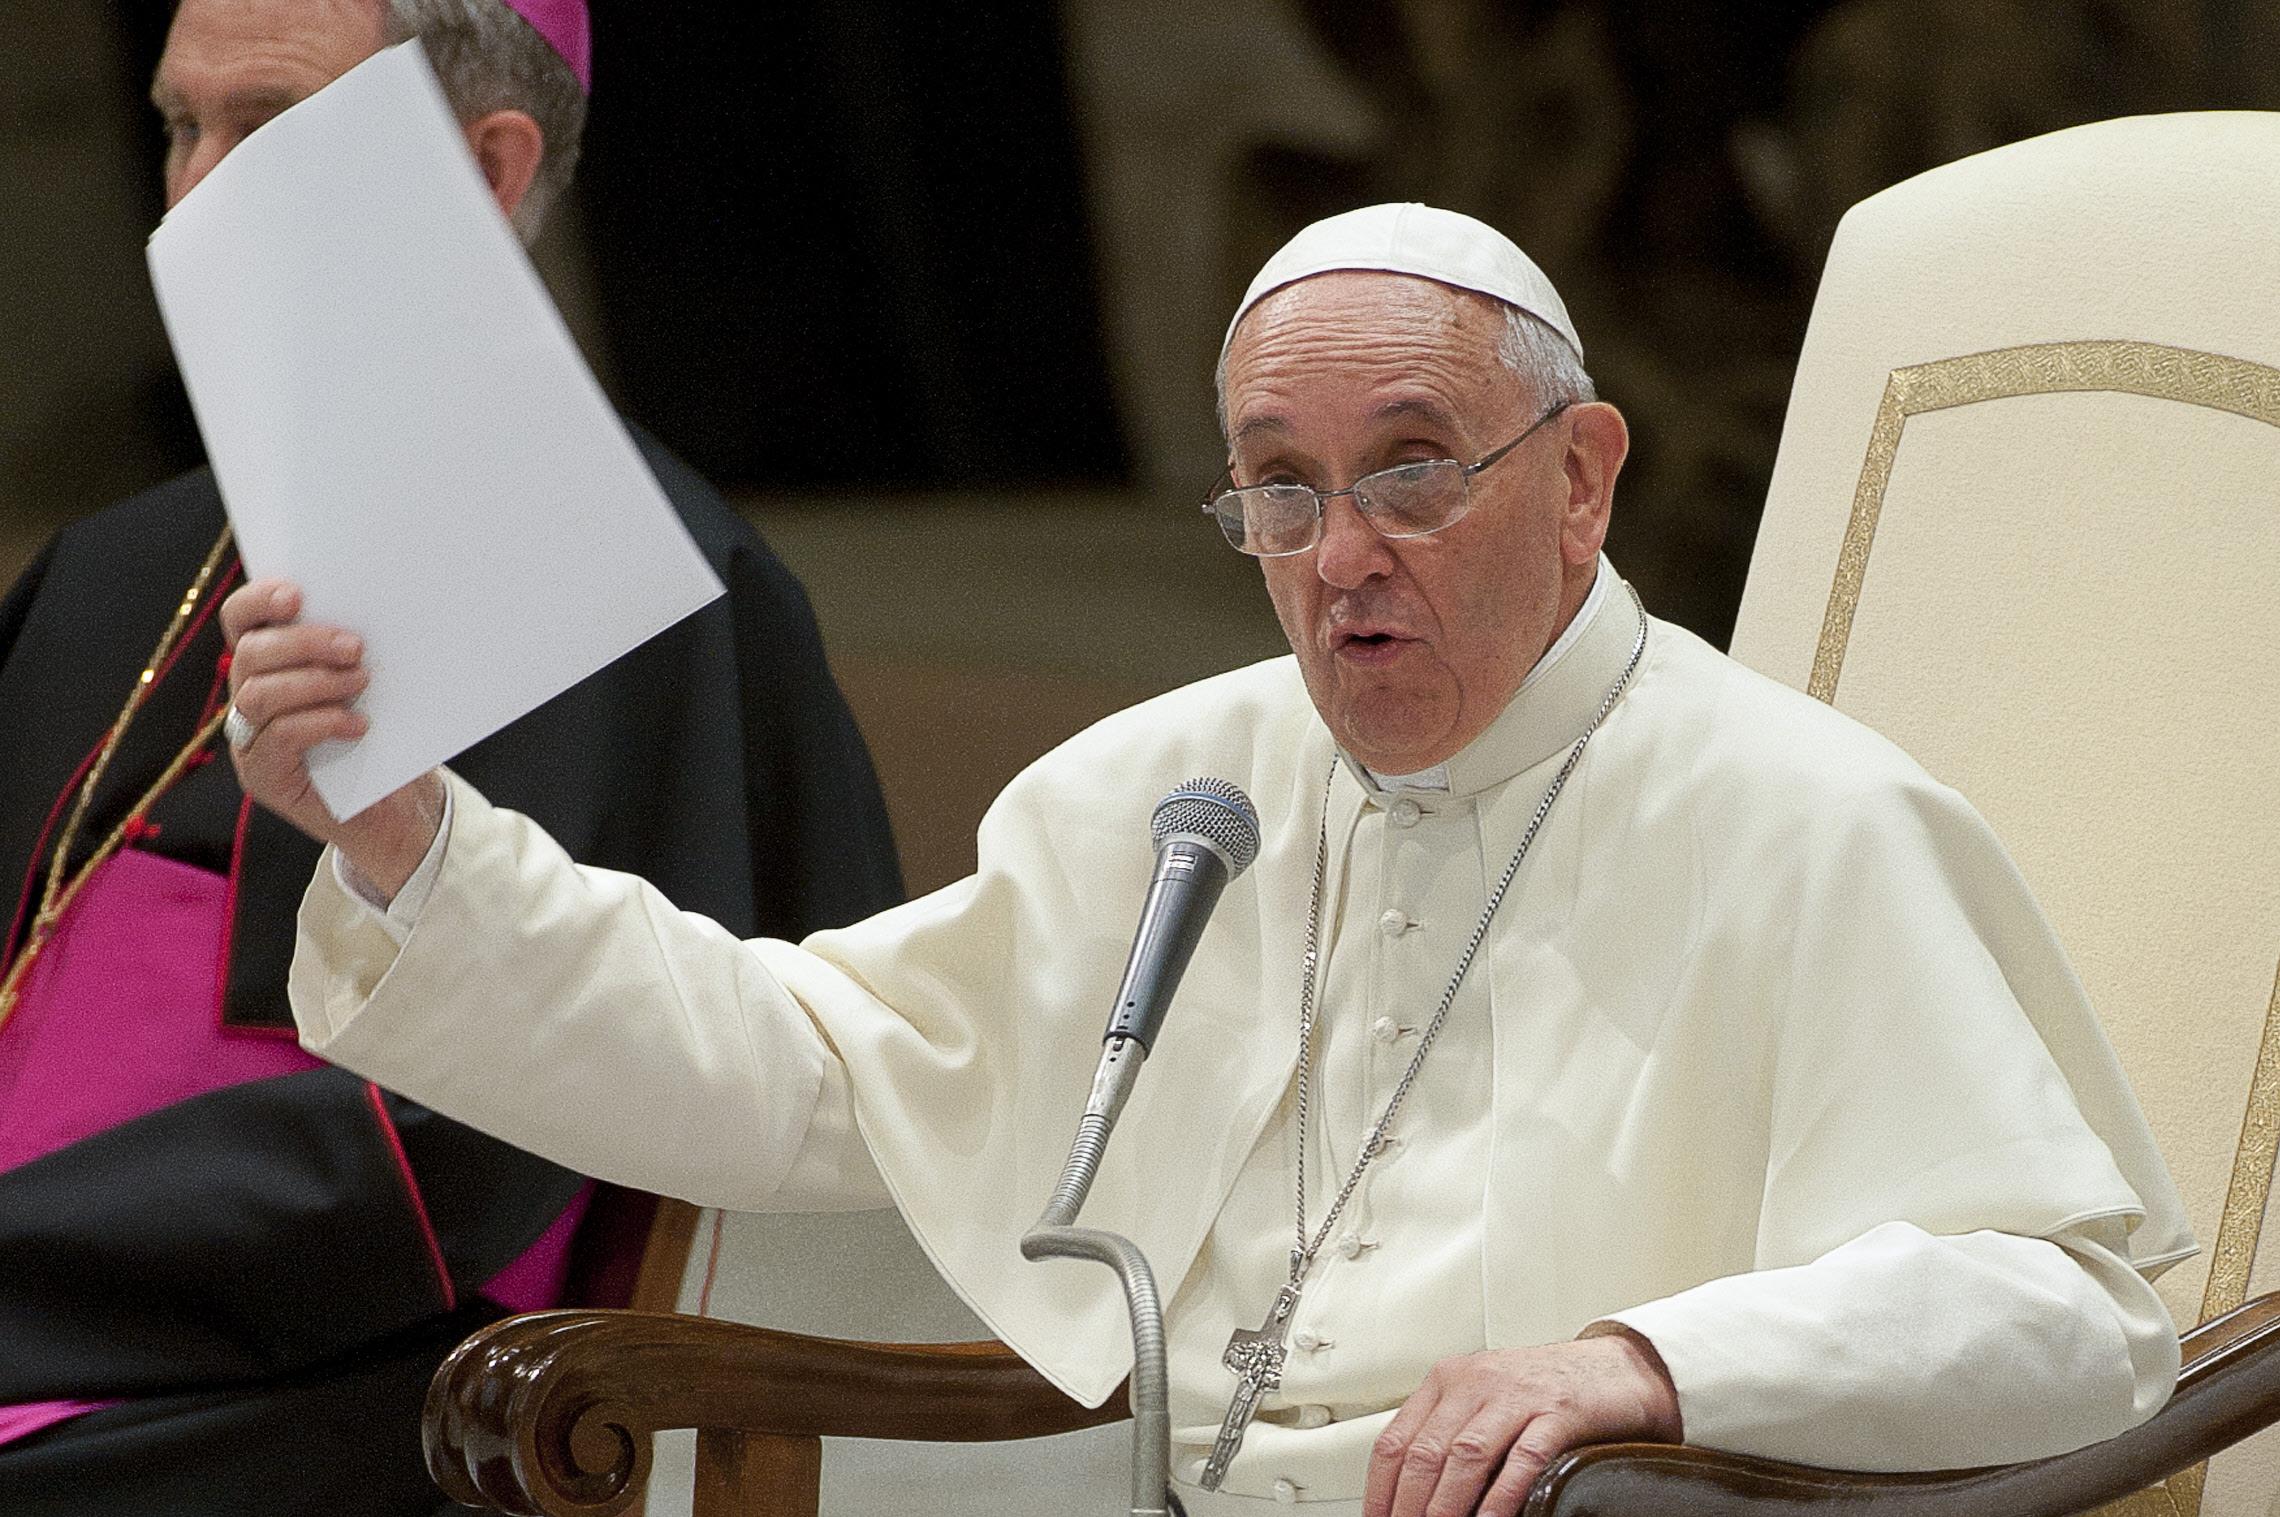 Une correction filiale adressée au Saint-Père